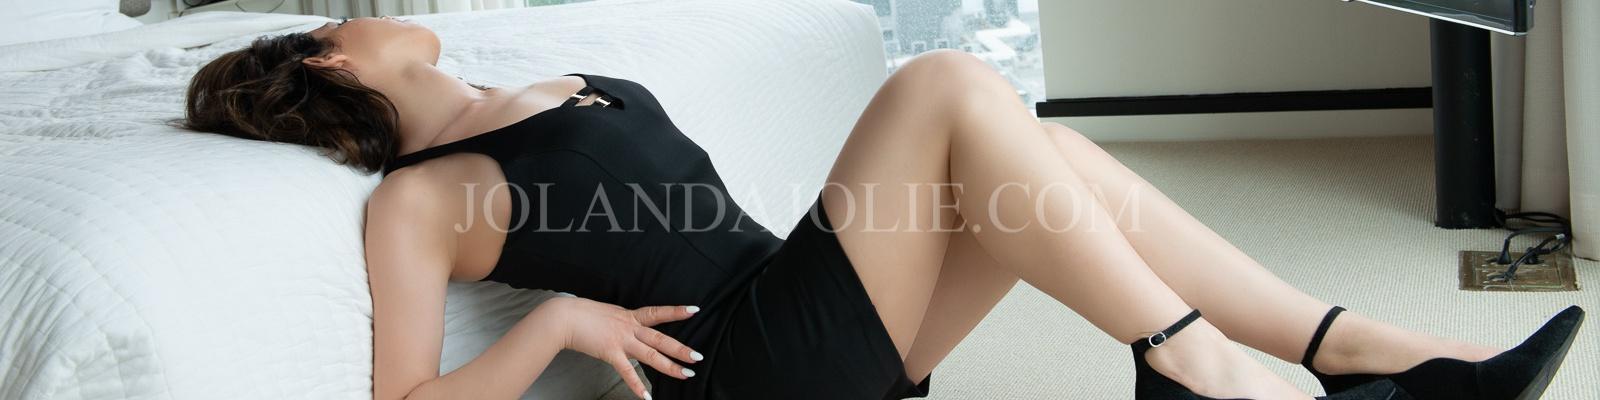 Jolanda Jolie Escort